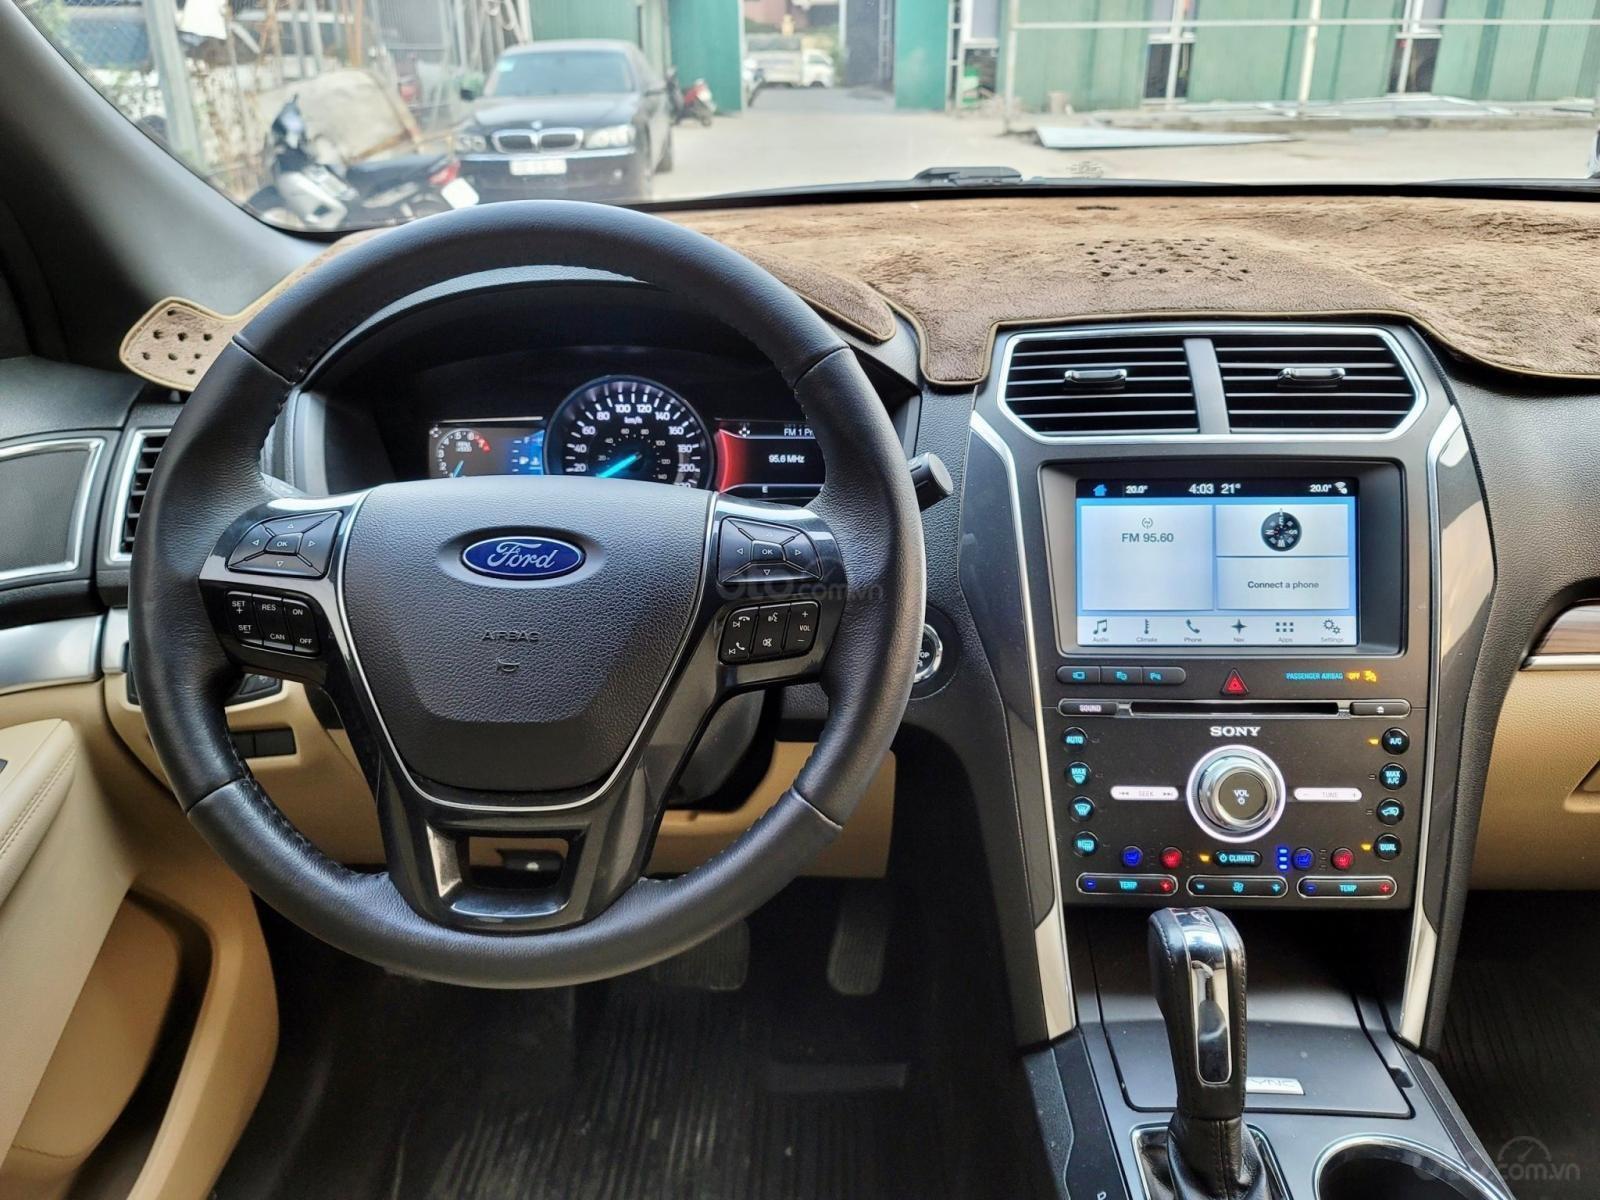 Bán xe Ford Explorer 2.3 Ecoboost năm 2017 (14)